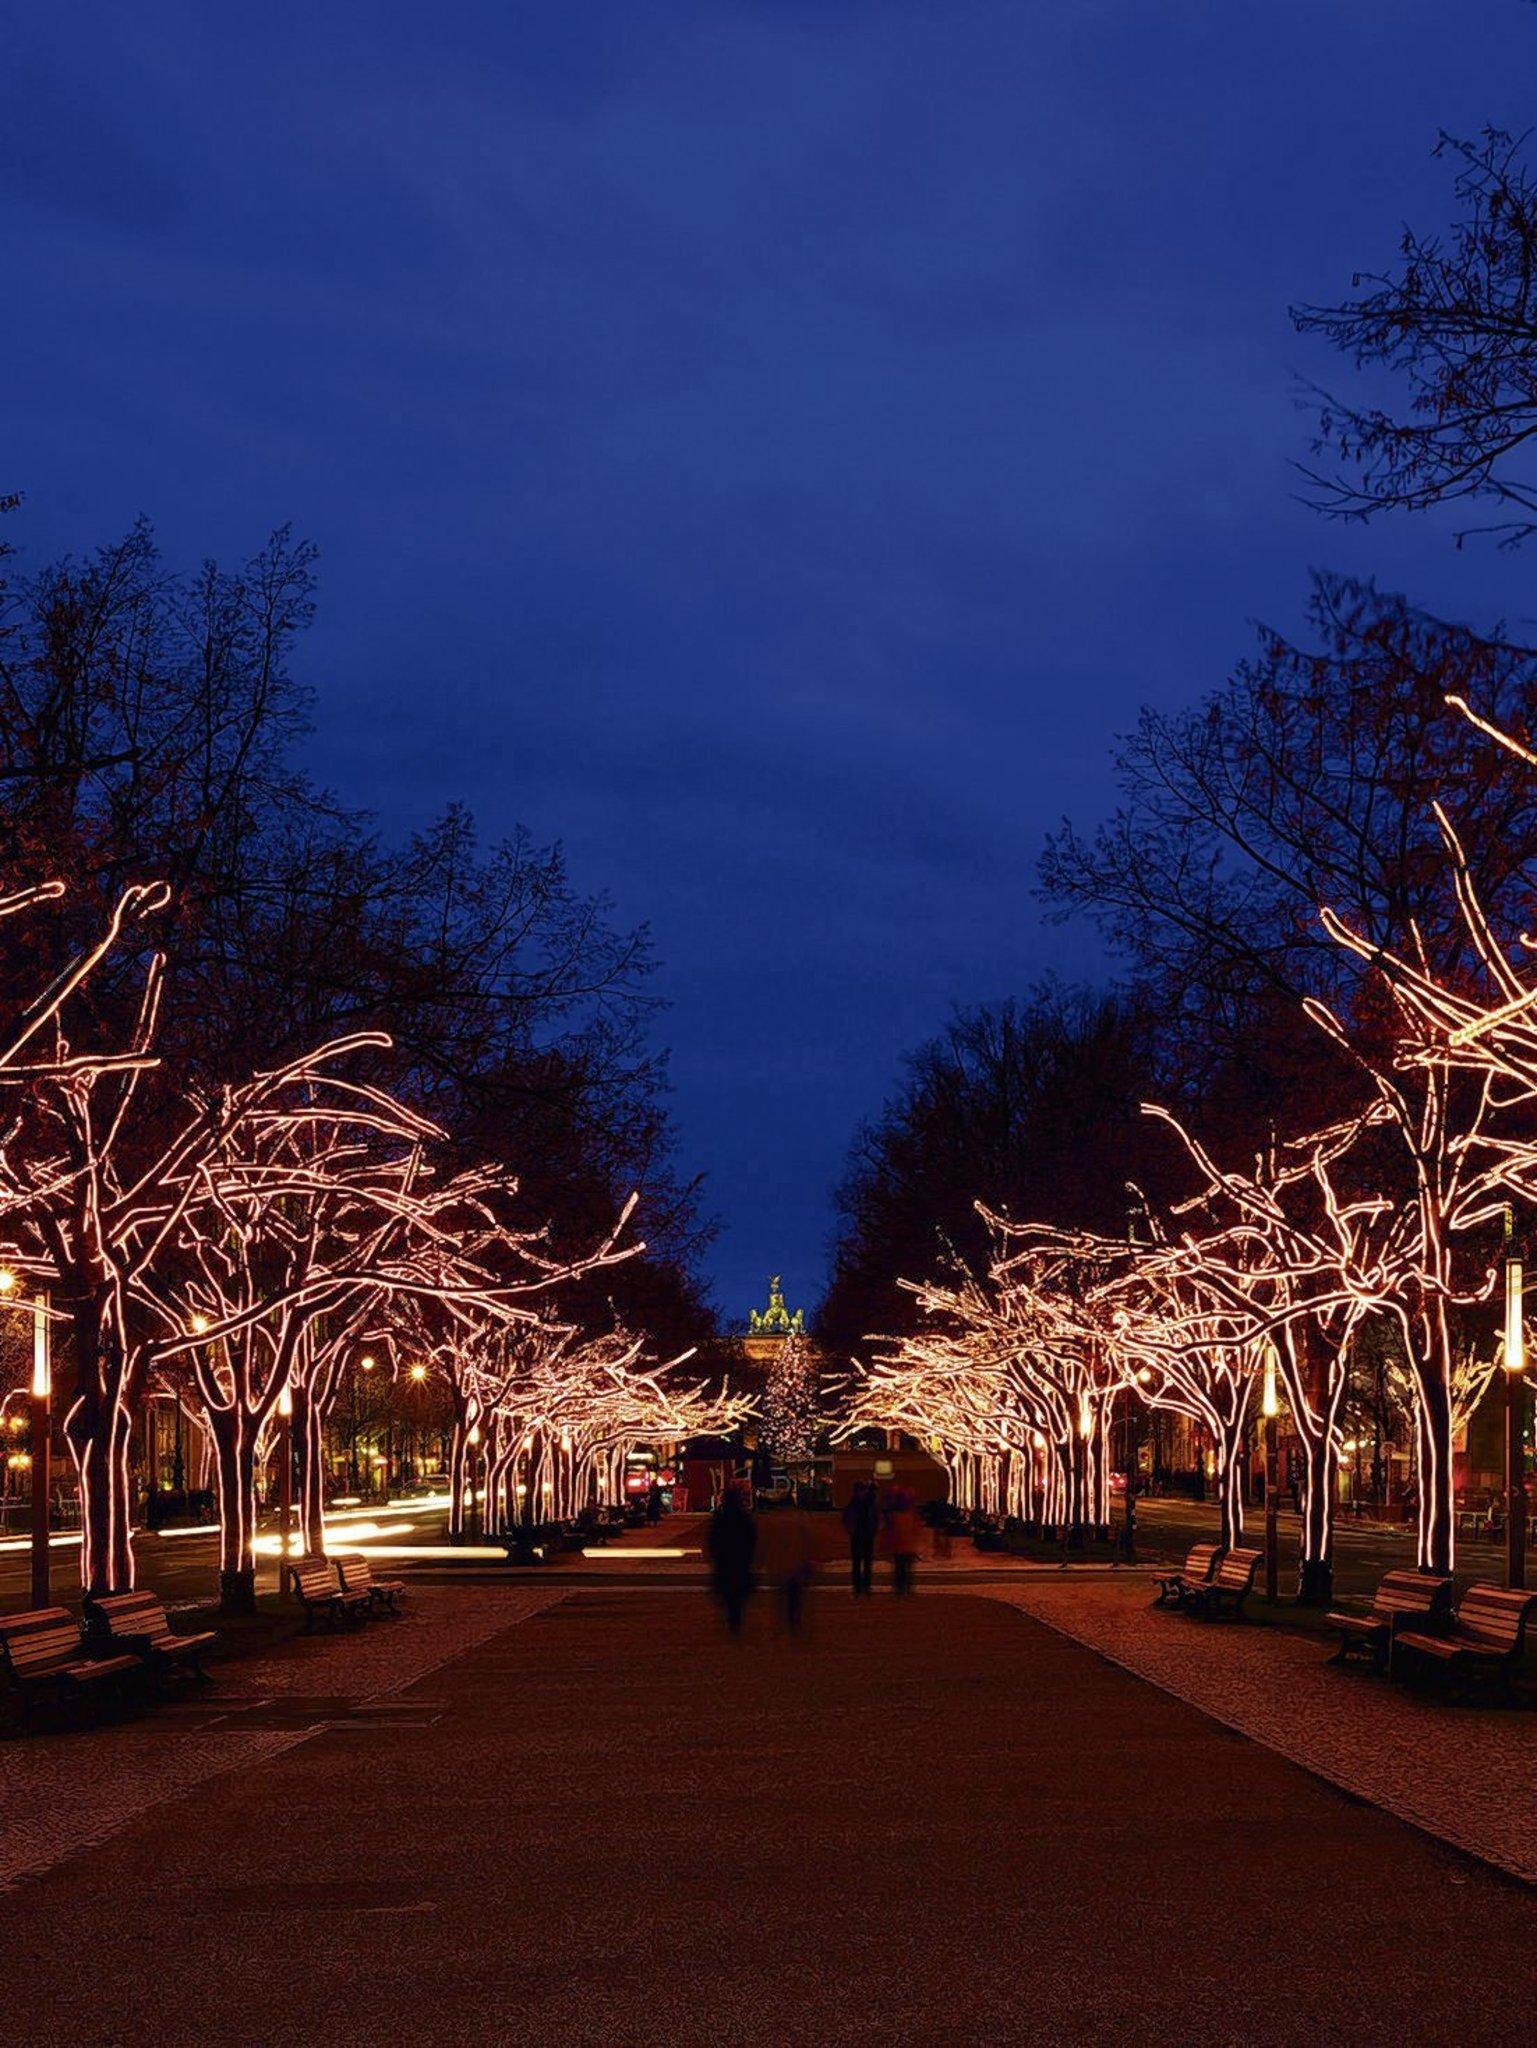 Unter Den Linden Weihnachtsbeleuchtung.Vattenfall Beleuchtung Unter Den Linden 2014 Mitte